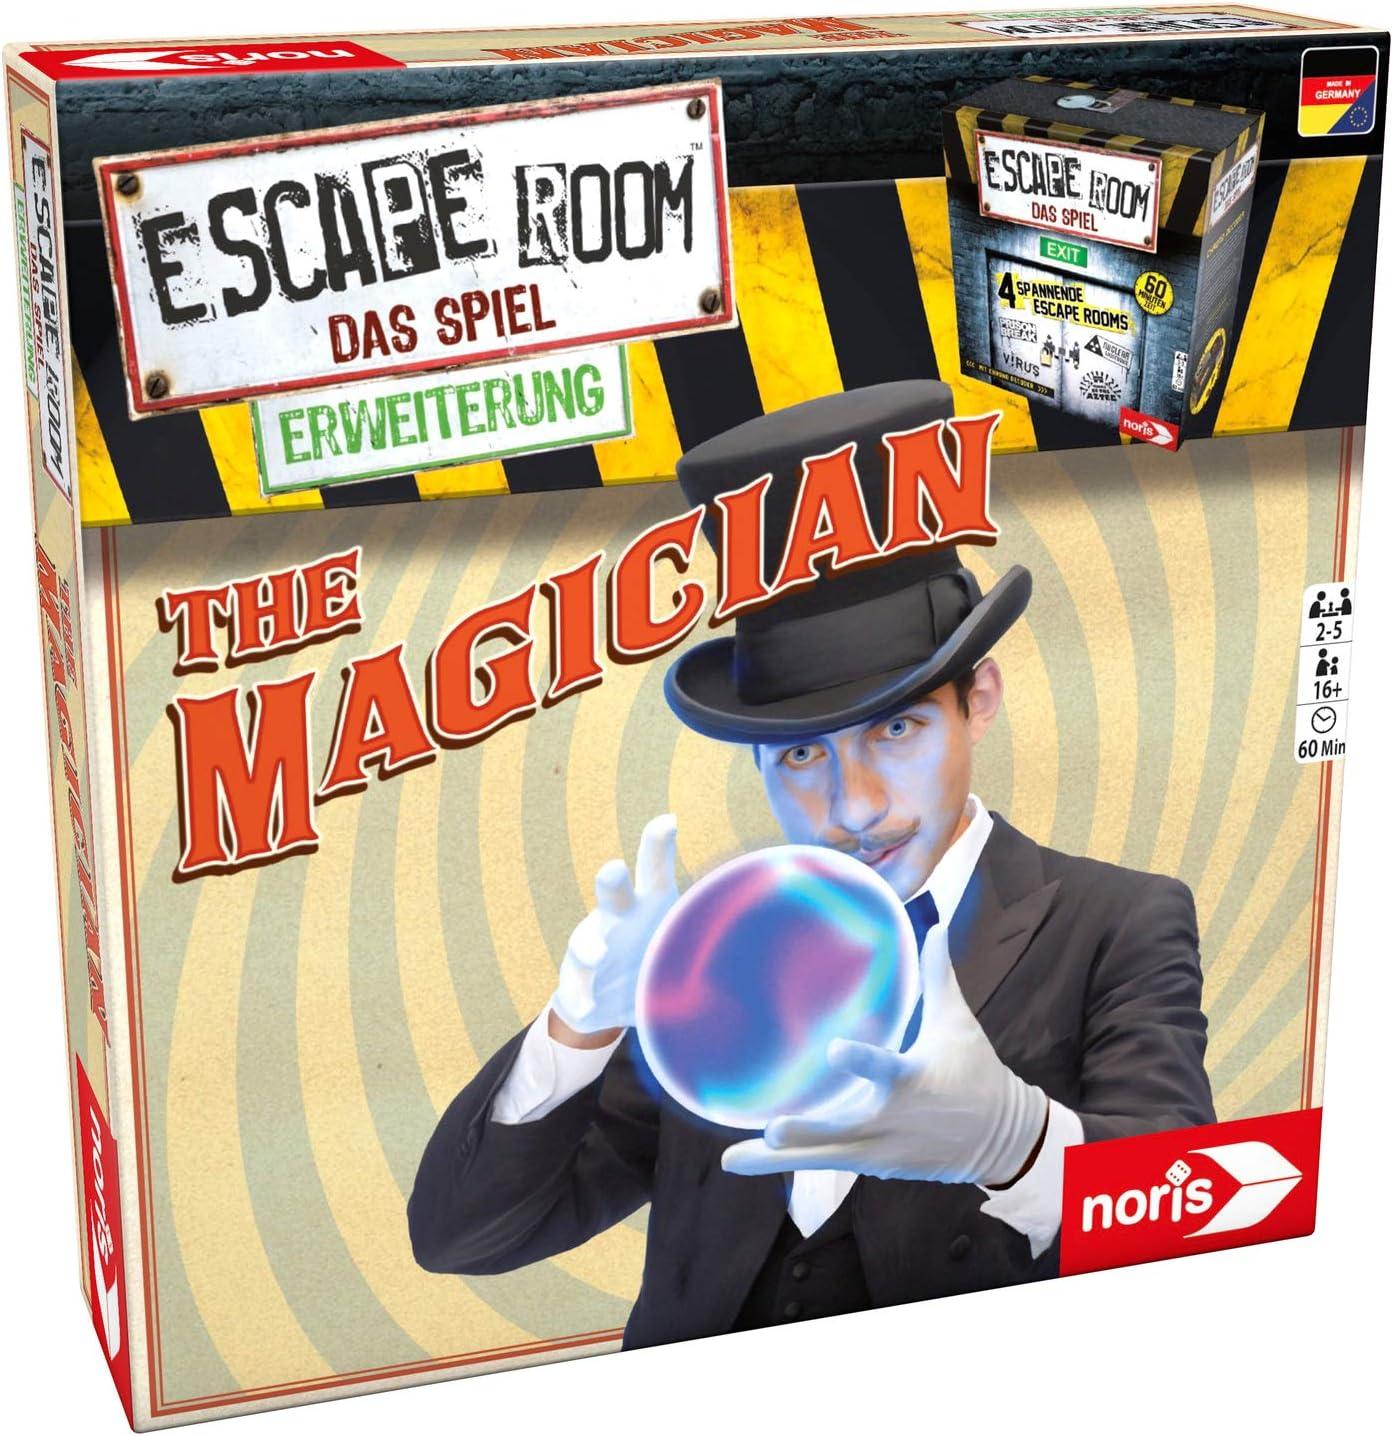 Escape Room Magician: Noris Spiele: Amazon.es: Juguetes y juegos